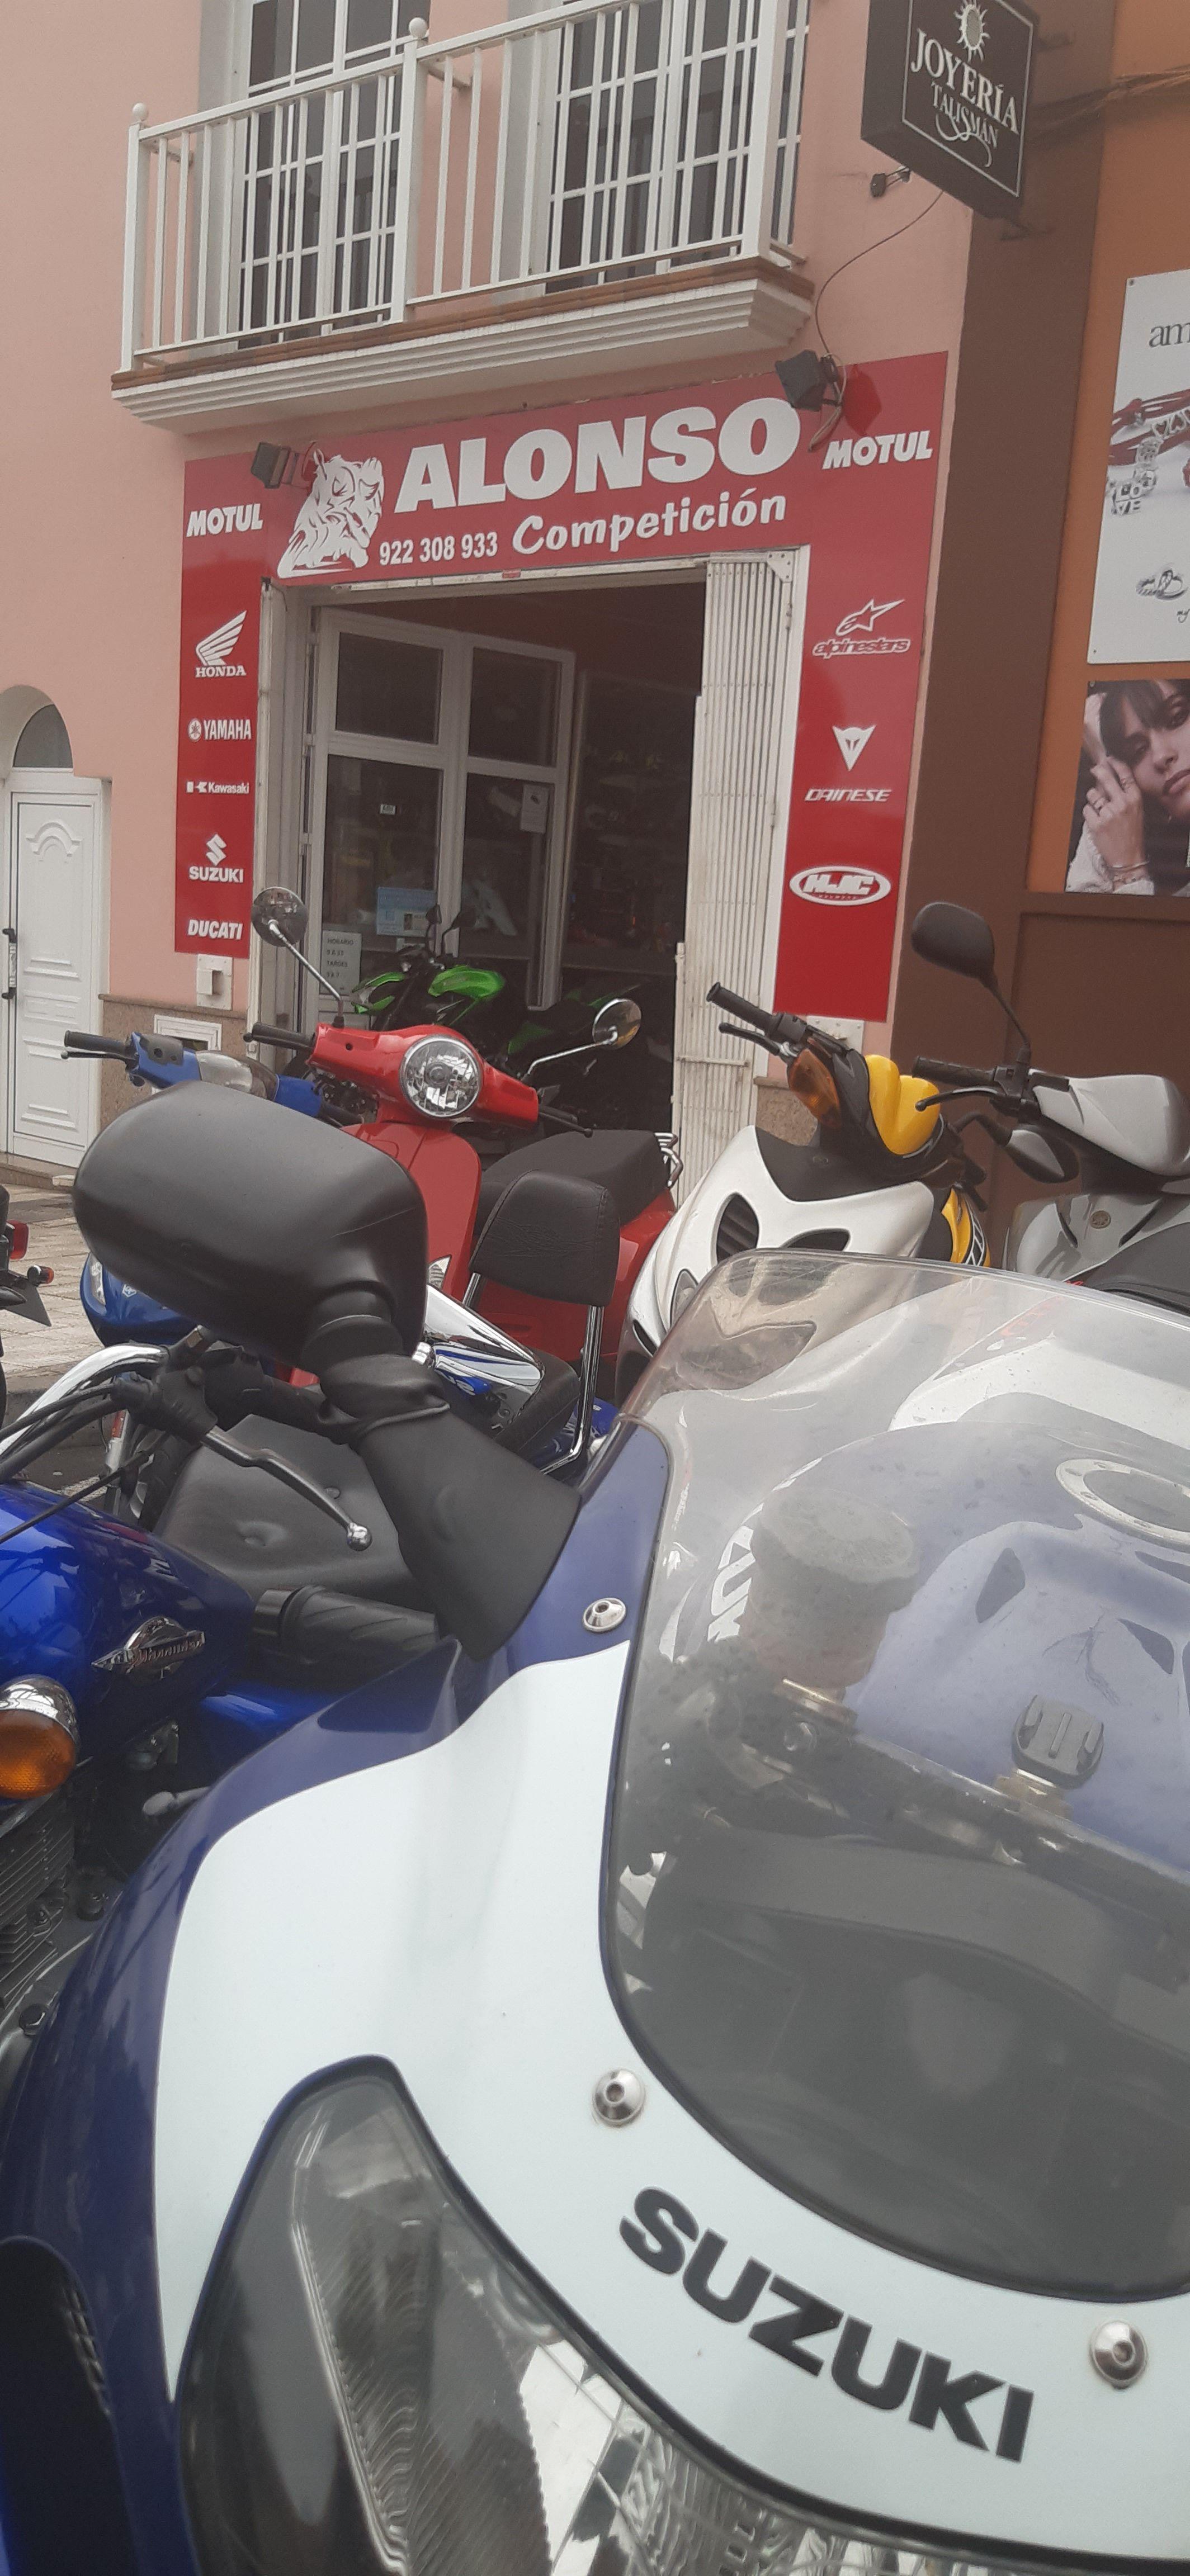 Foto 1 de Motos en La Orotava | Alonso Competición